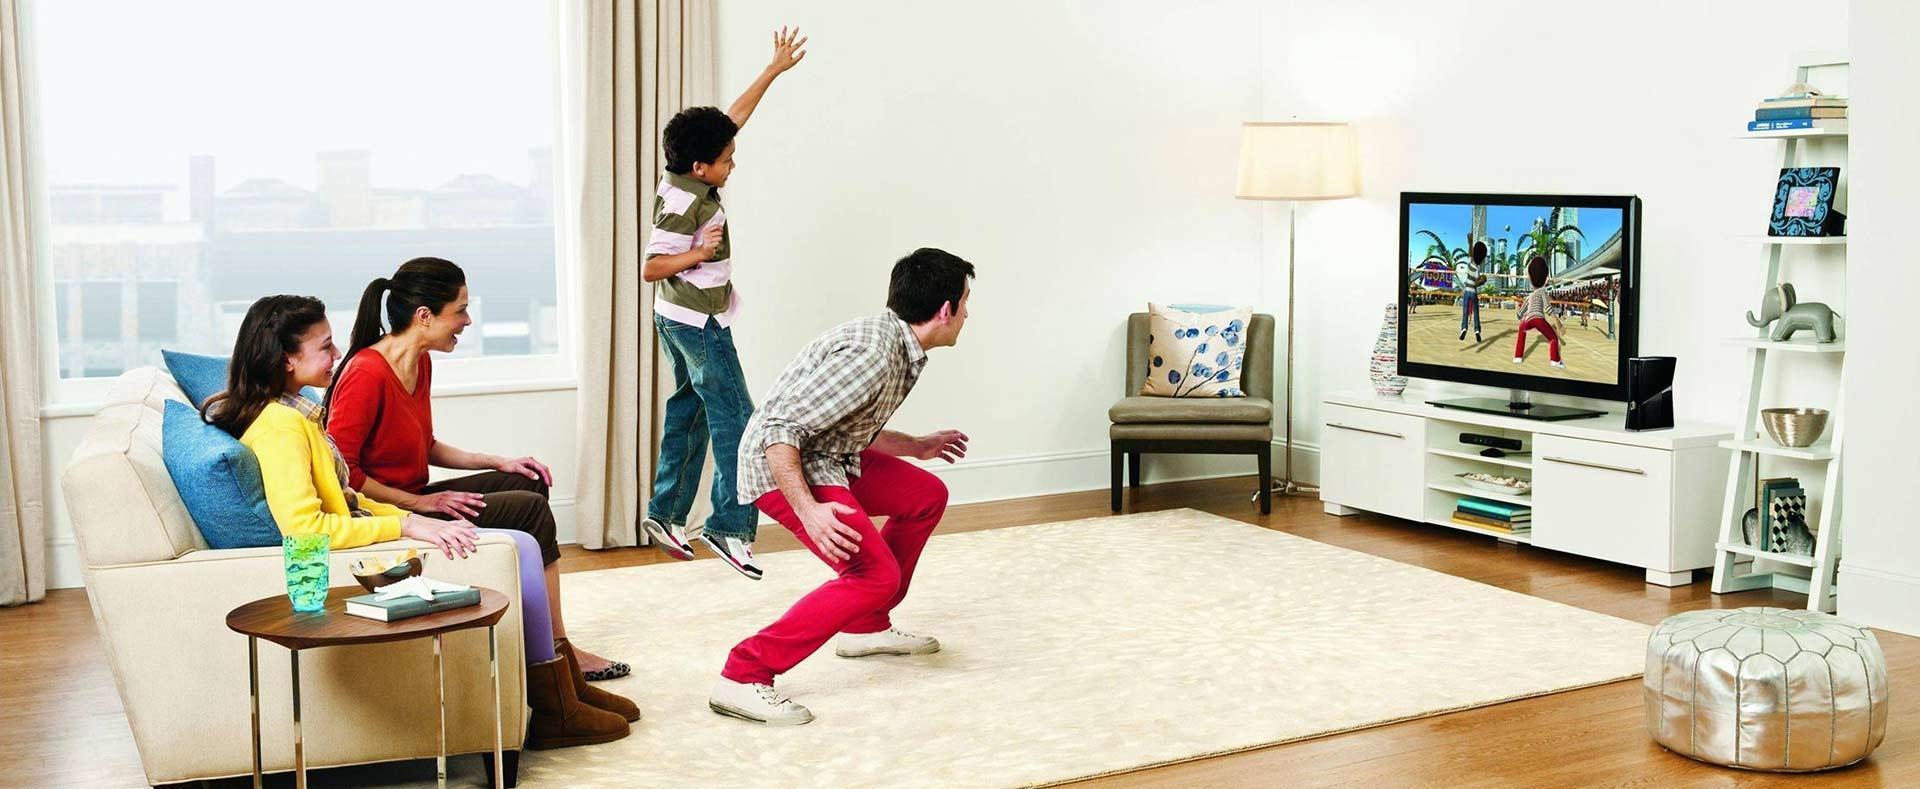 Microsoft Kinect умер? 3 причины, почему в 2017 году его ждёт успех!